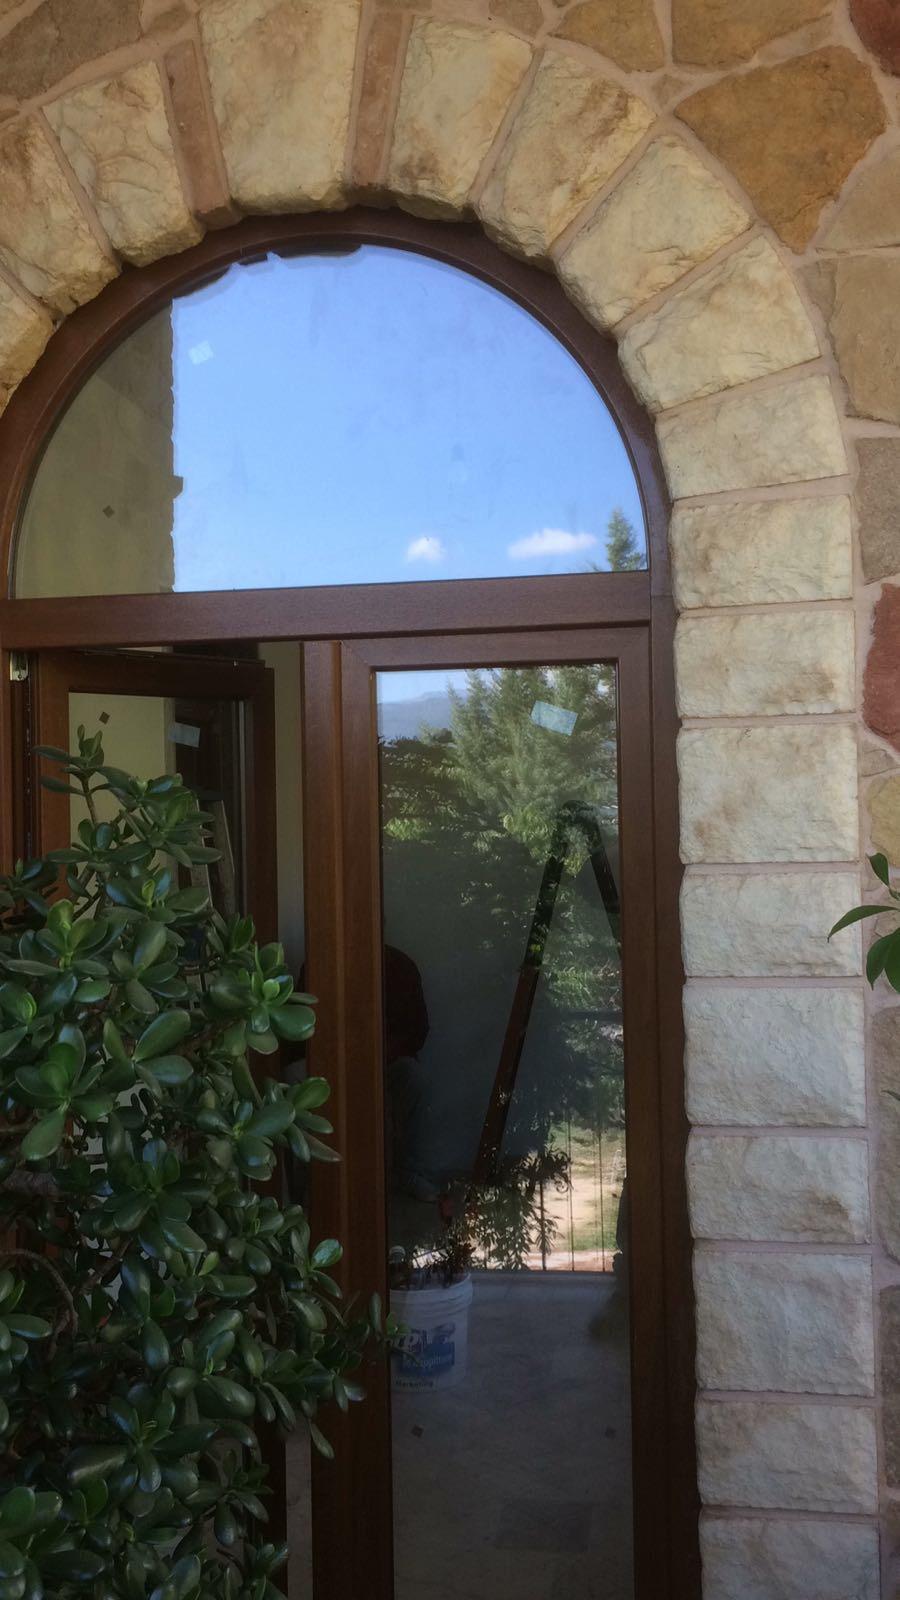 Portoncinoin vetro di PVC ad arco. ICRA SL70